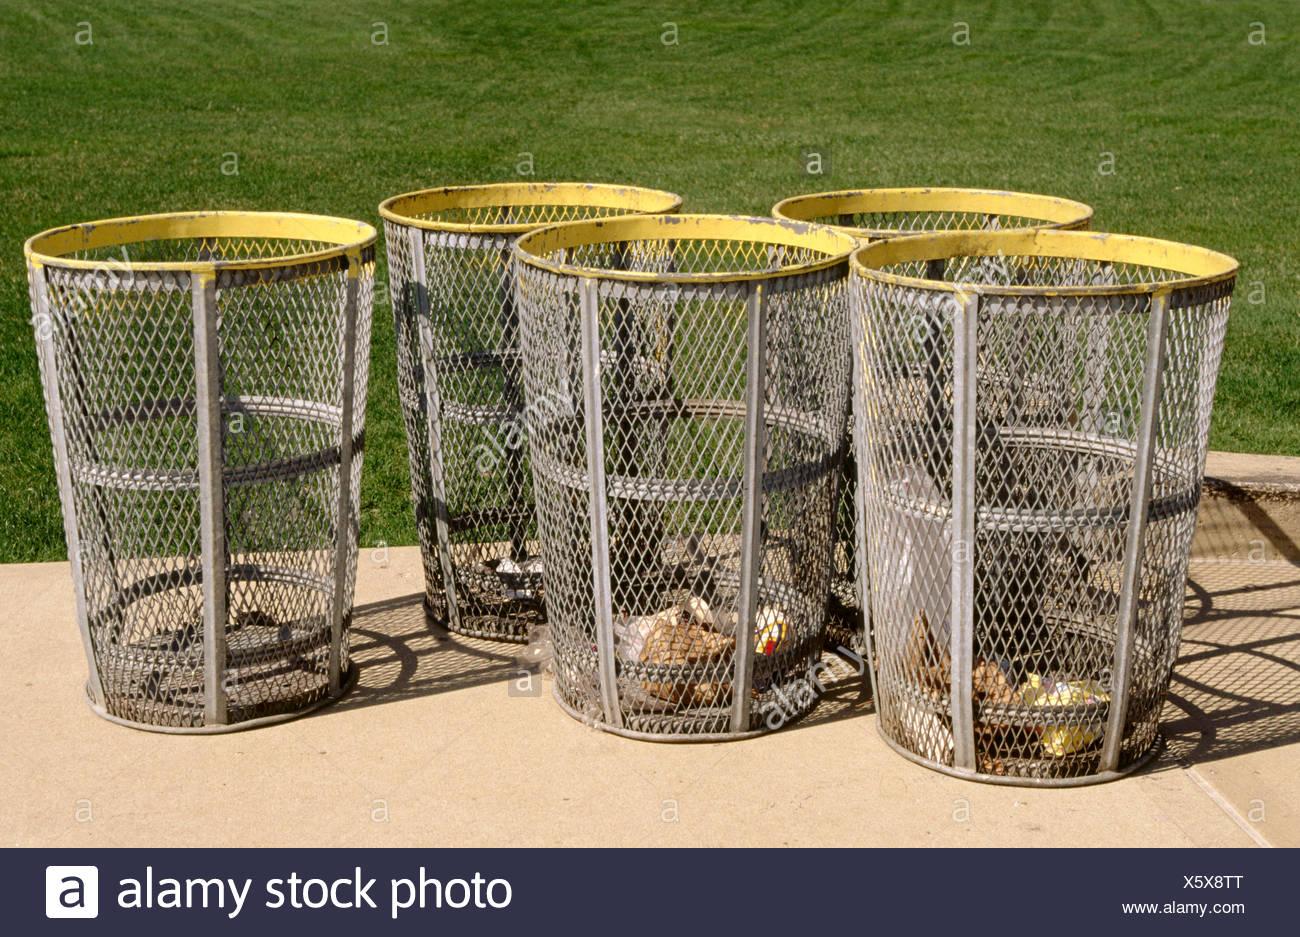 Garbage_cans Stockfotos & Garbage_cans Bilder - Seite 2 - Alamy